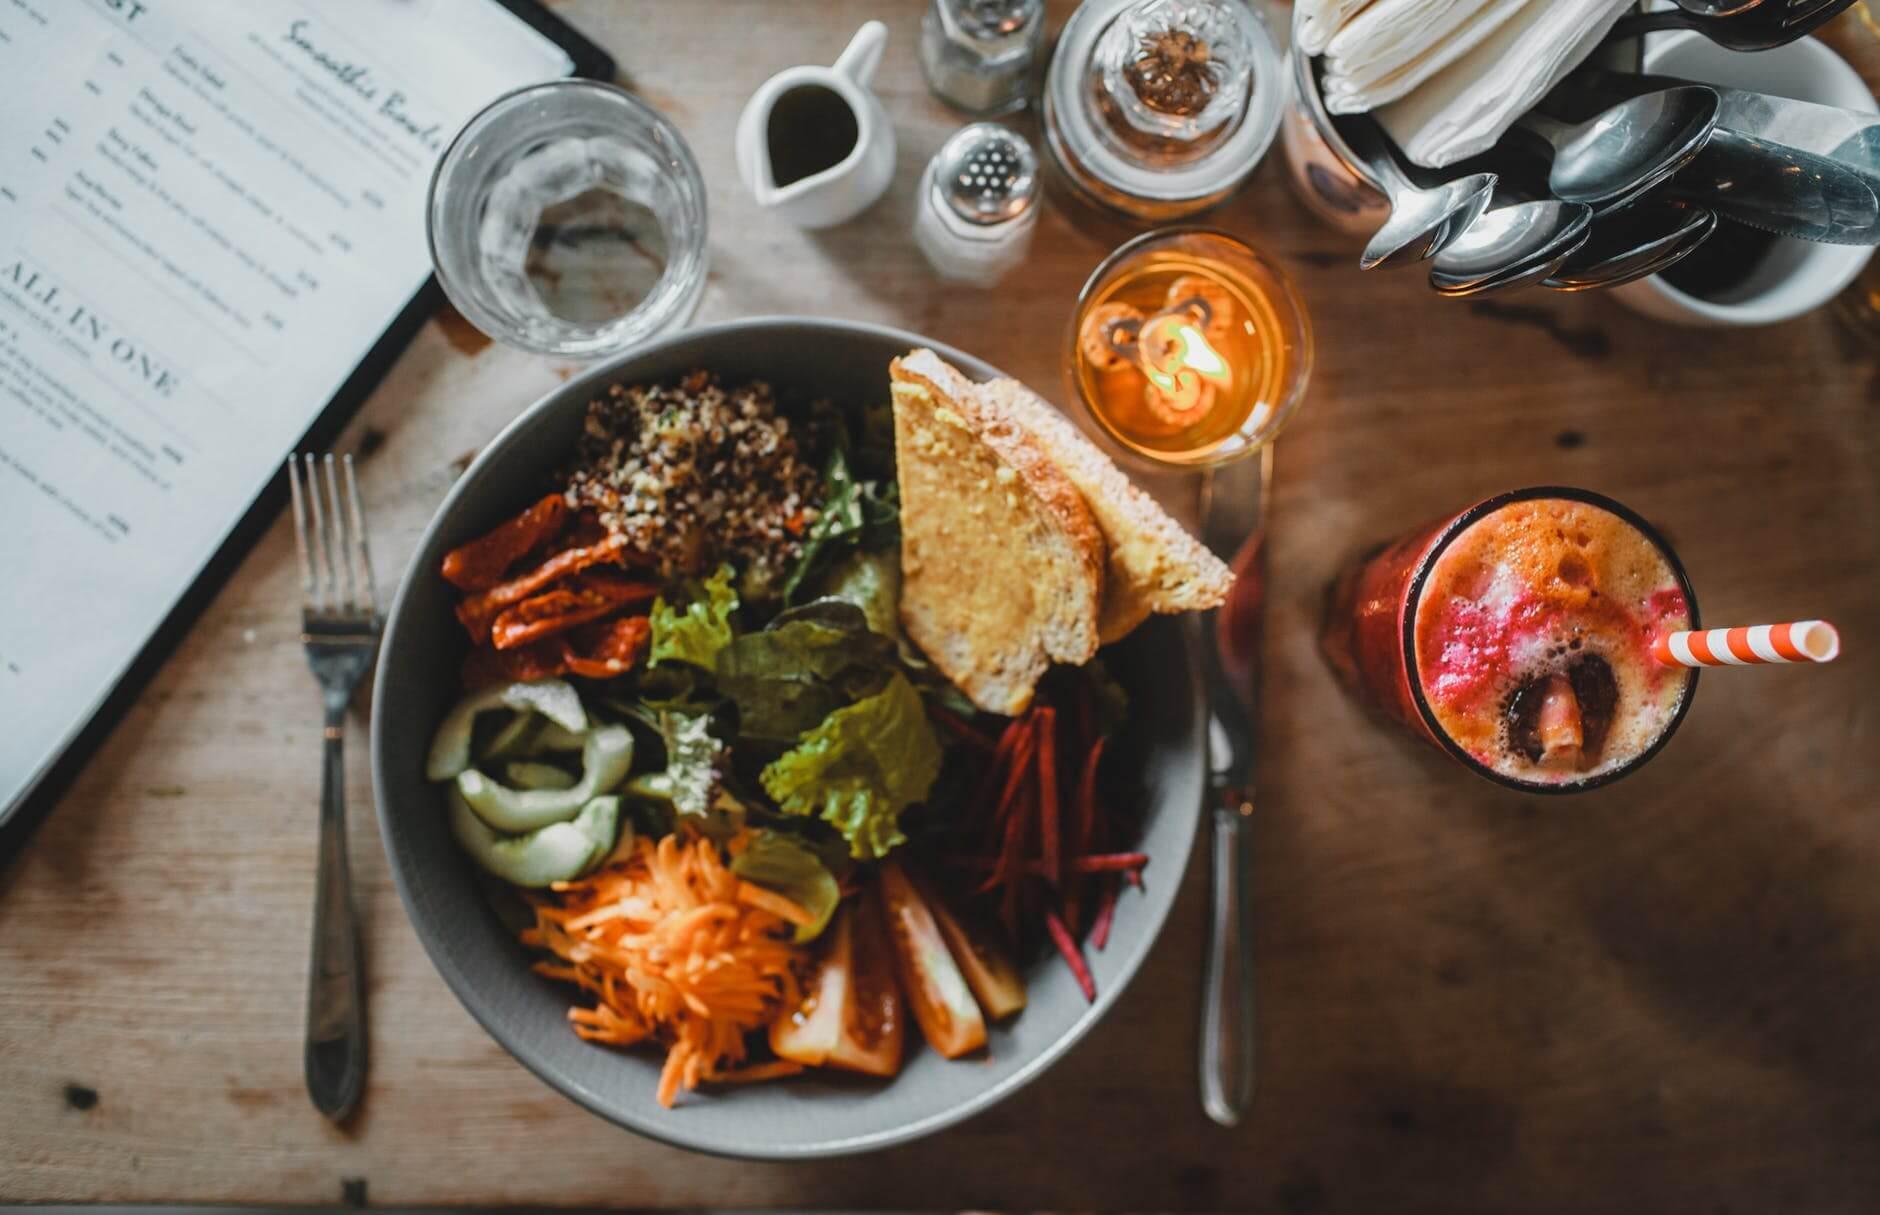 New Video About the Mediterranean Diet